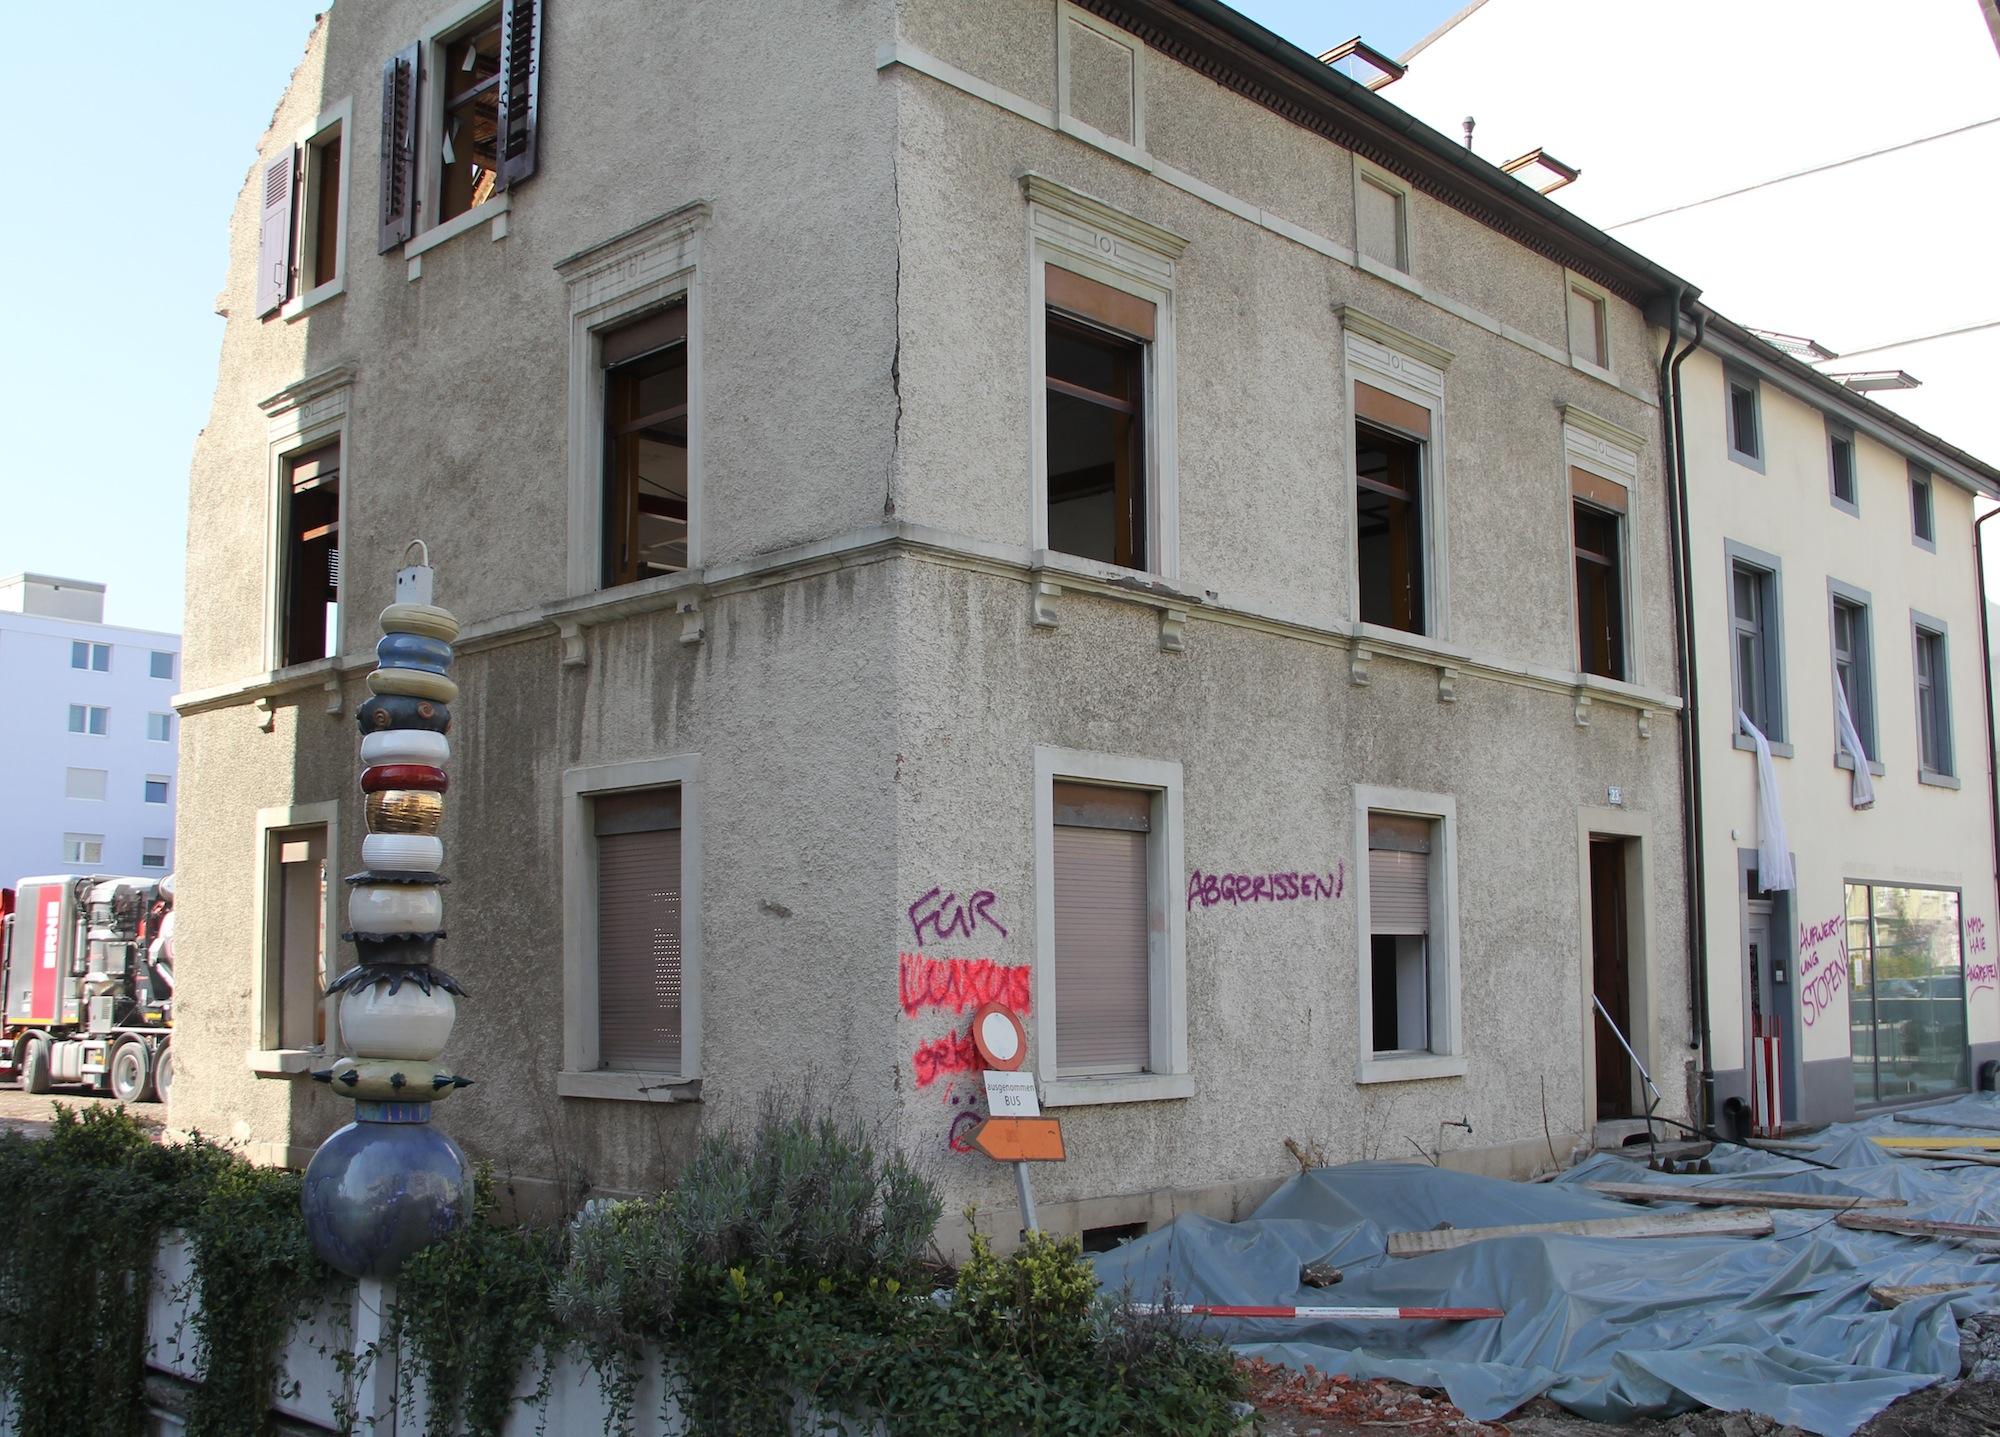 Als die «Villa Carmen» noch stand: Nach dem Tod des Eigentümers kam es im Altbau sowie in der Hofscheune zu mehreren Zwischennutzungen.